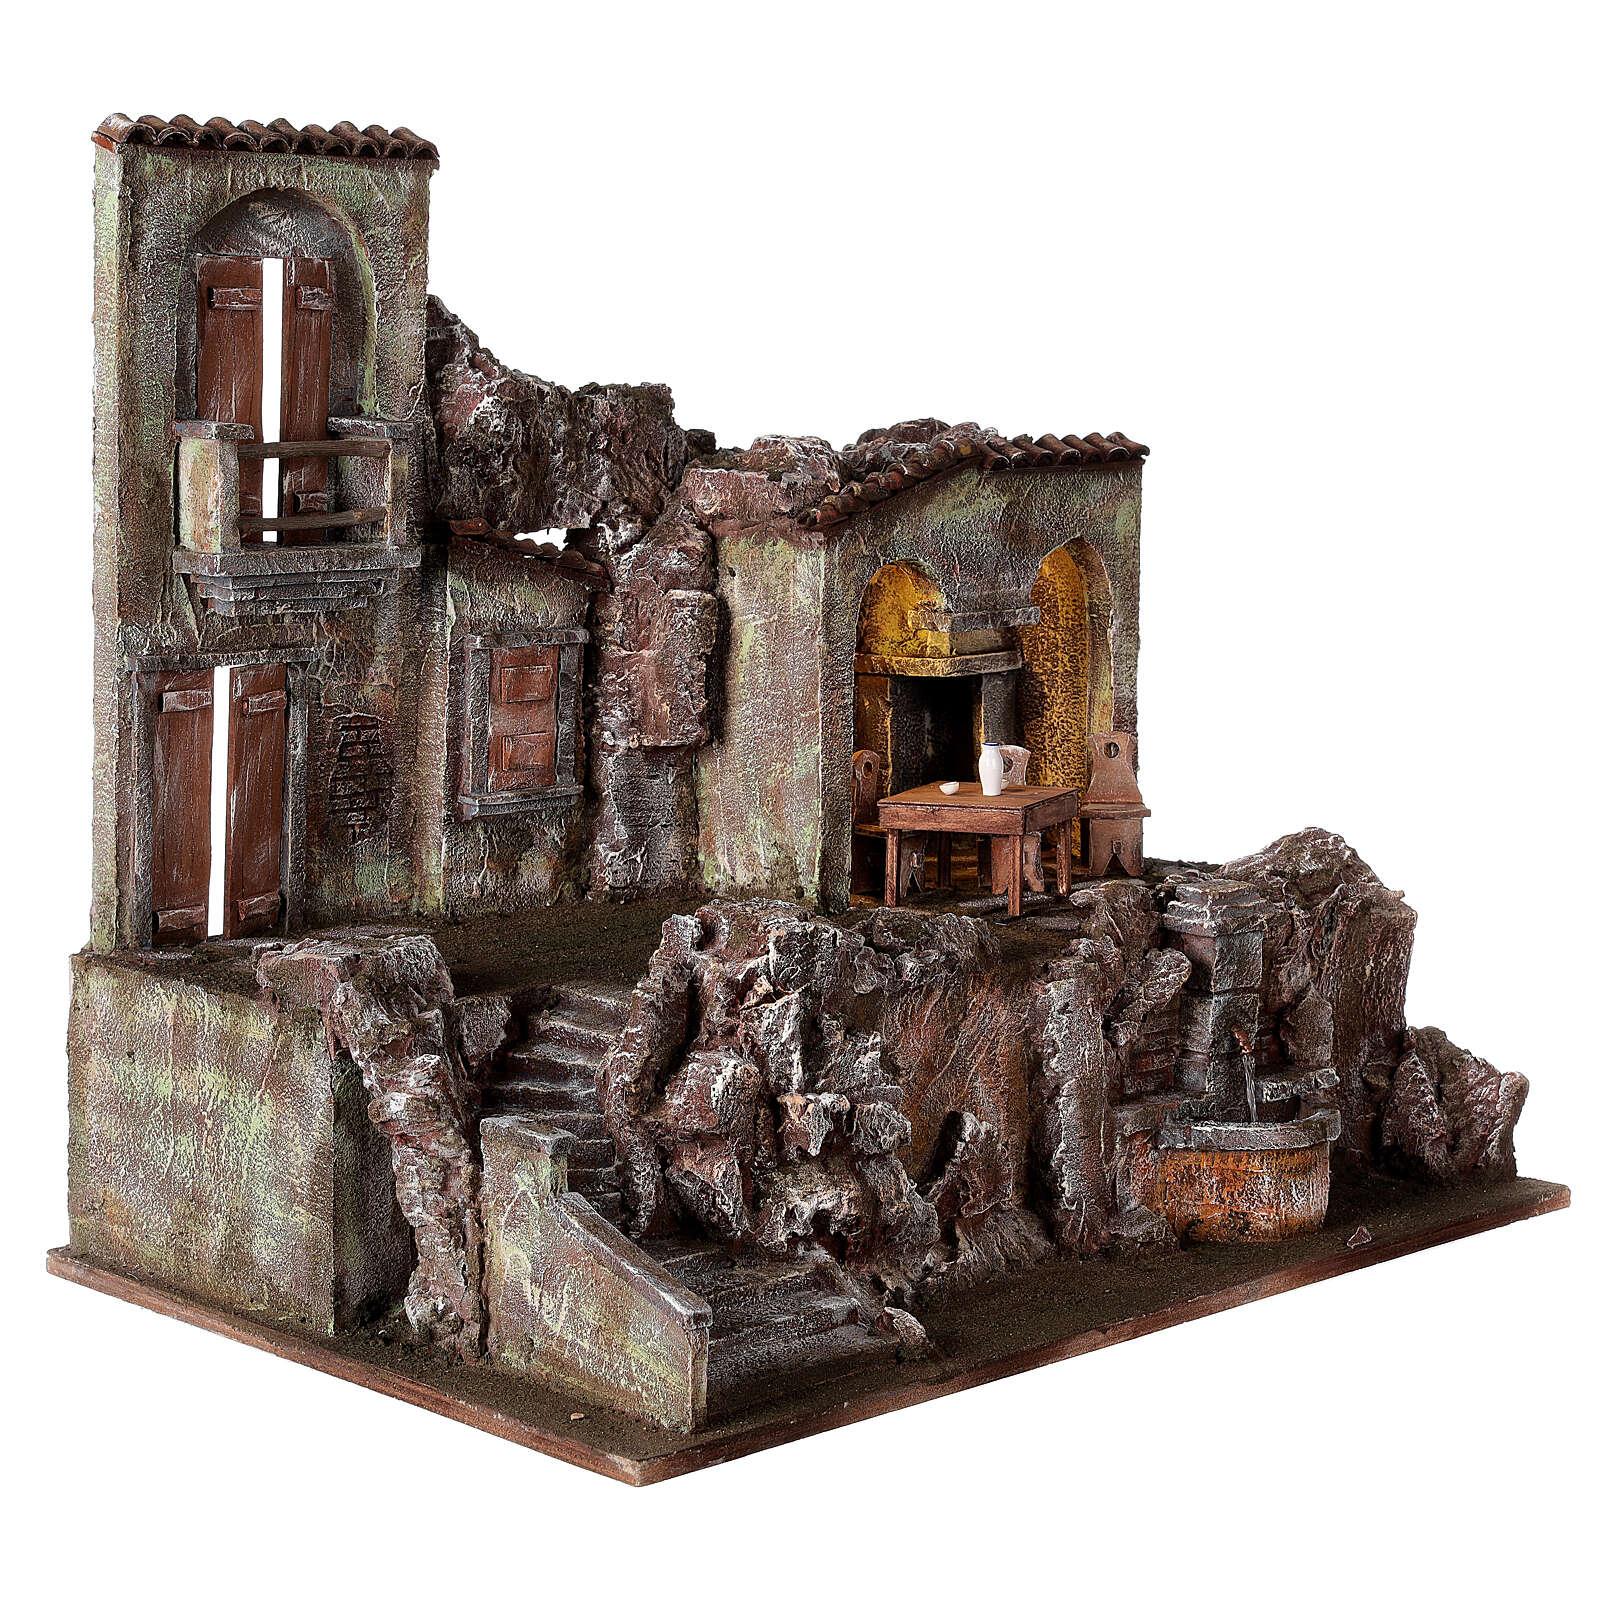 Borgo presepe illuminato fontanella scalinata 55x60x40 statue 12 cm 4